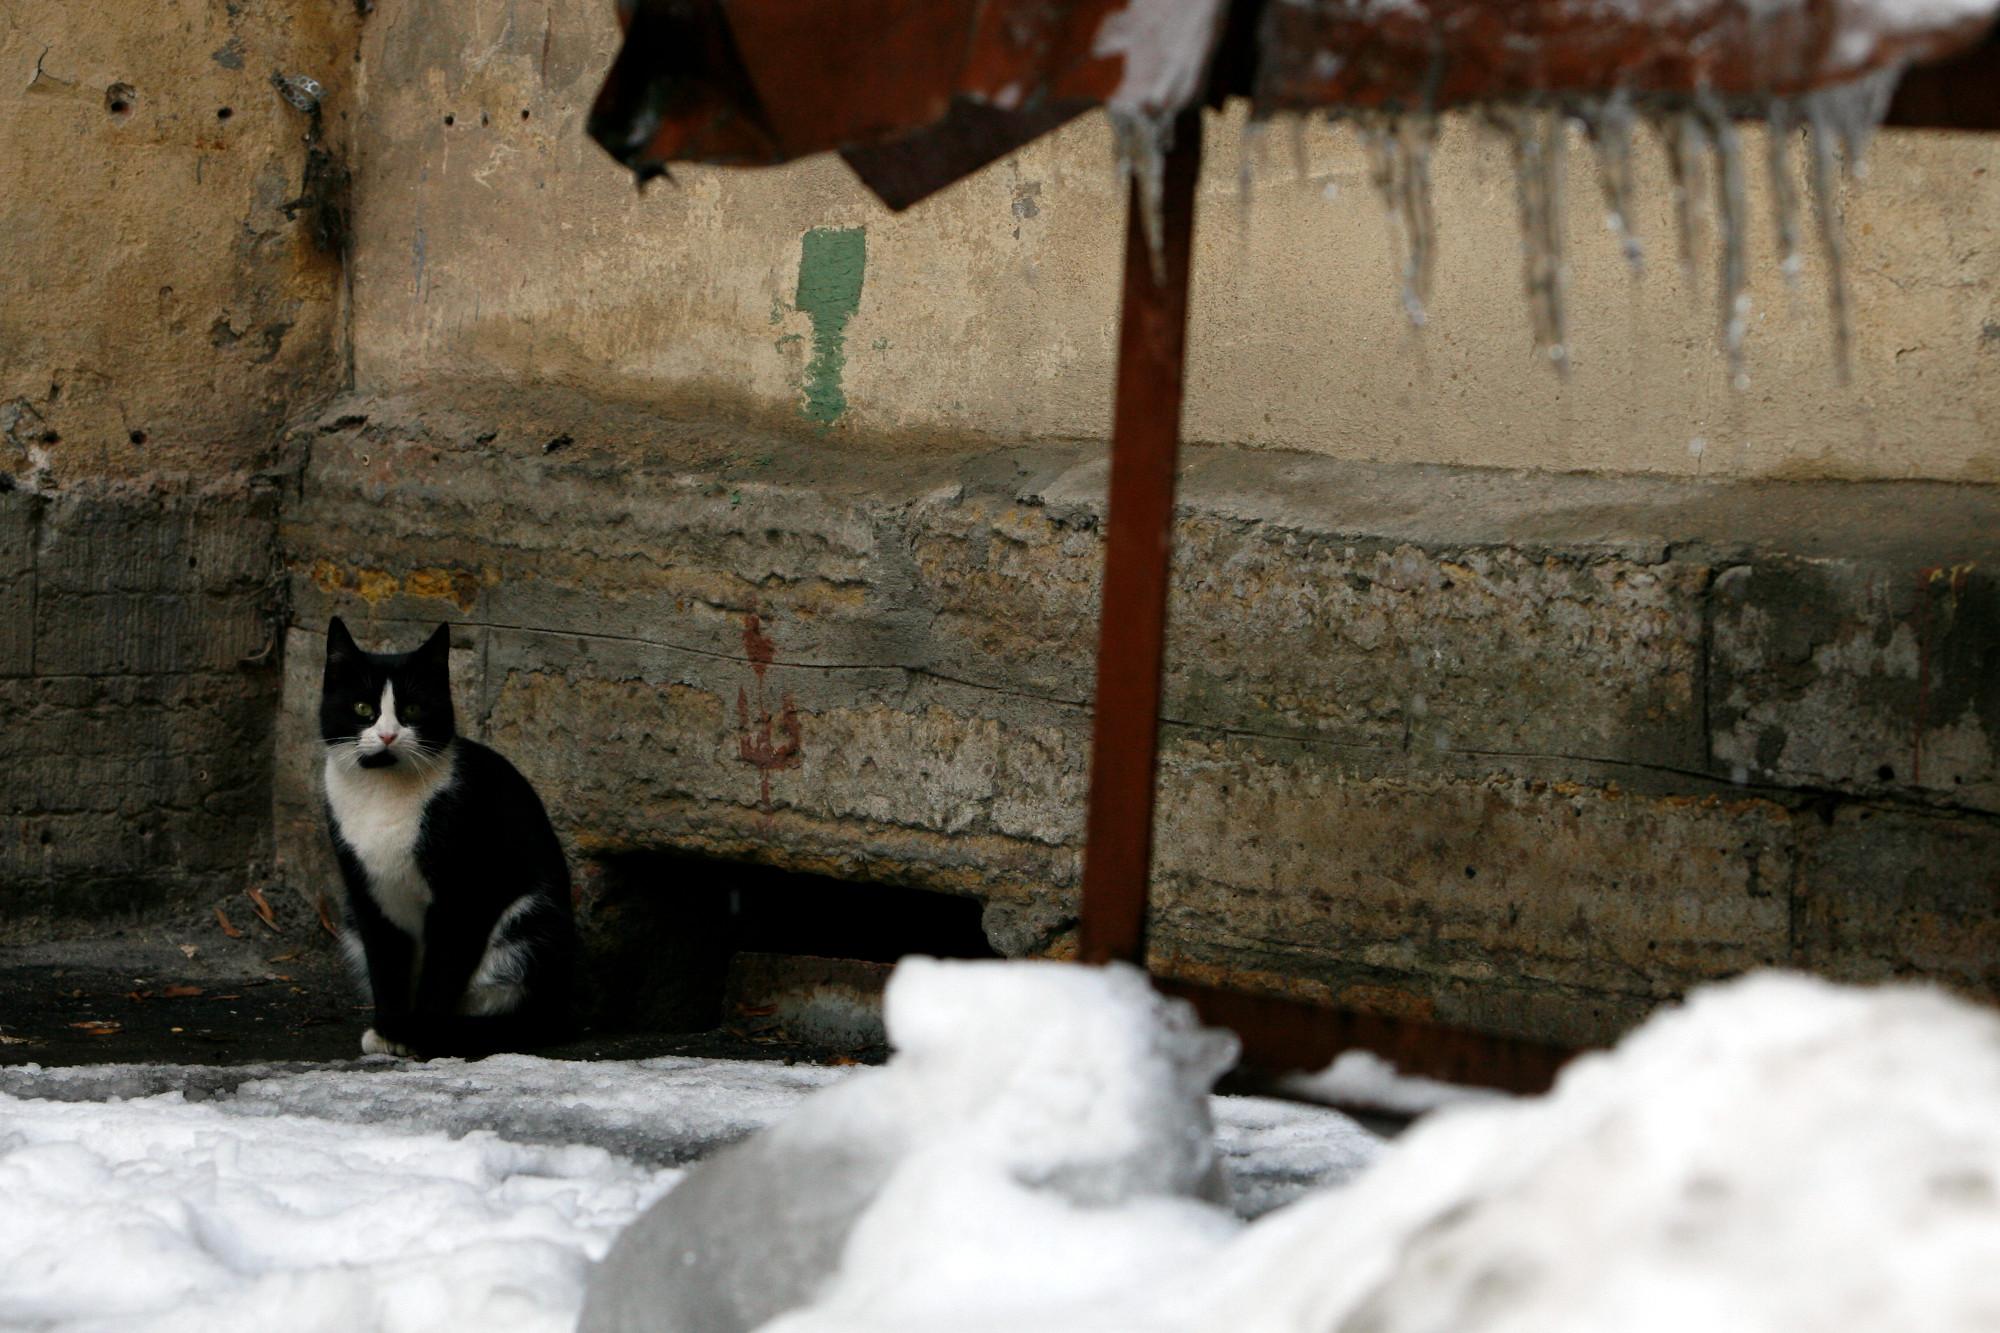 дворовые кошки бездомные животные коты